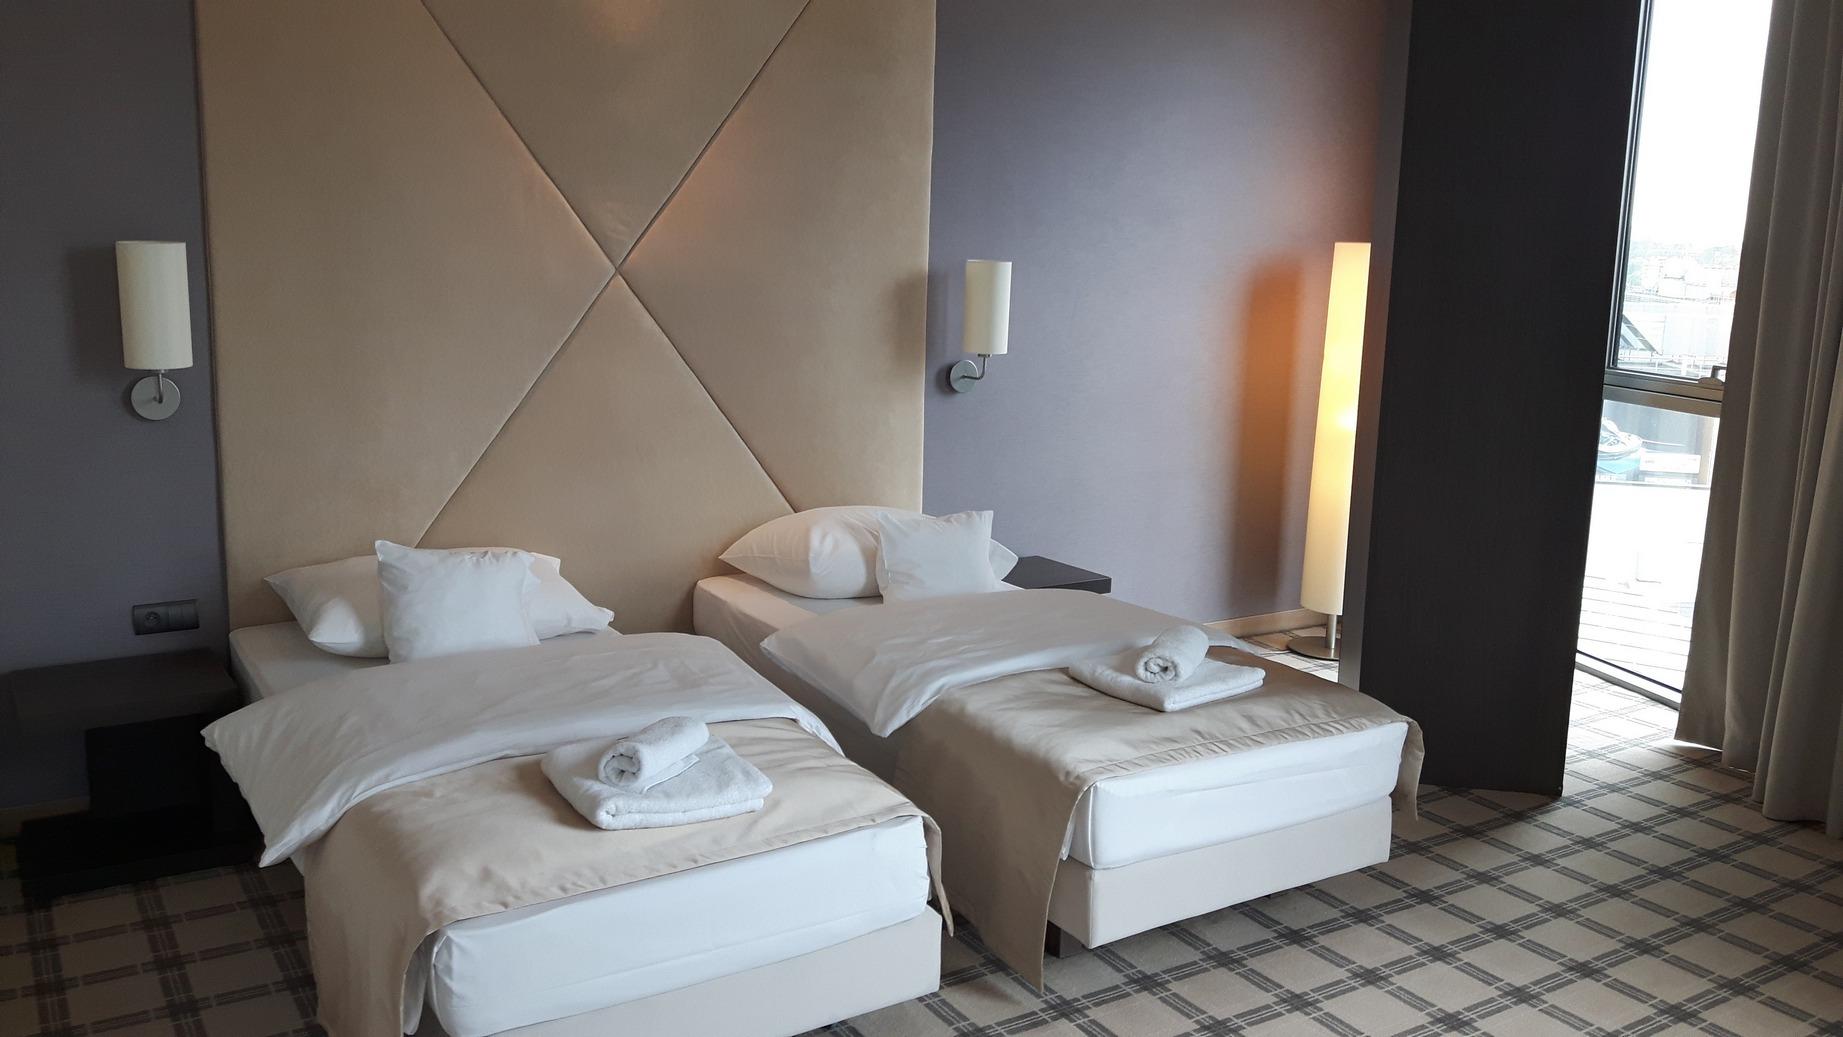 2_hotel rzeszów_s